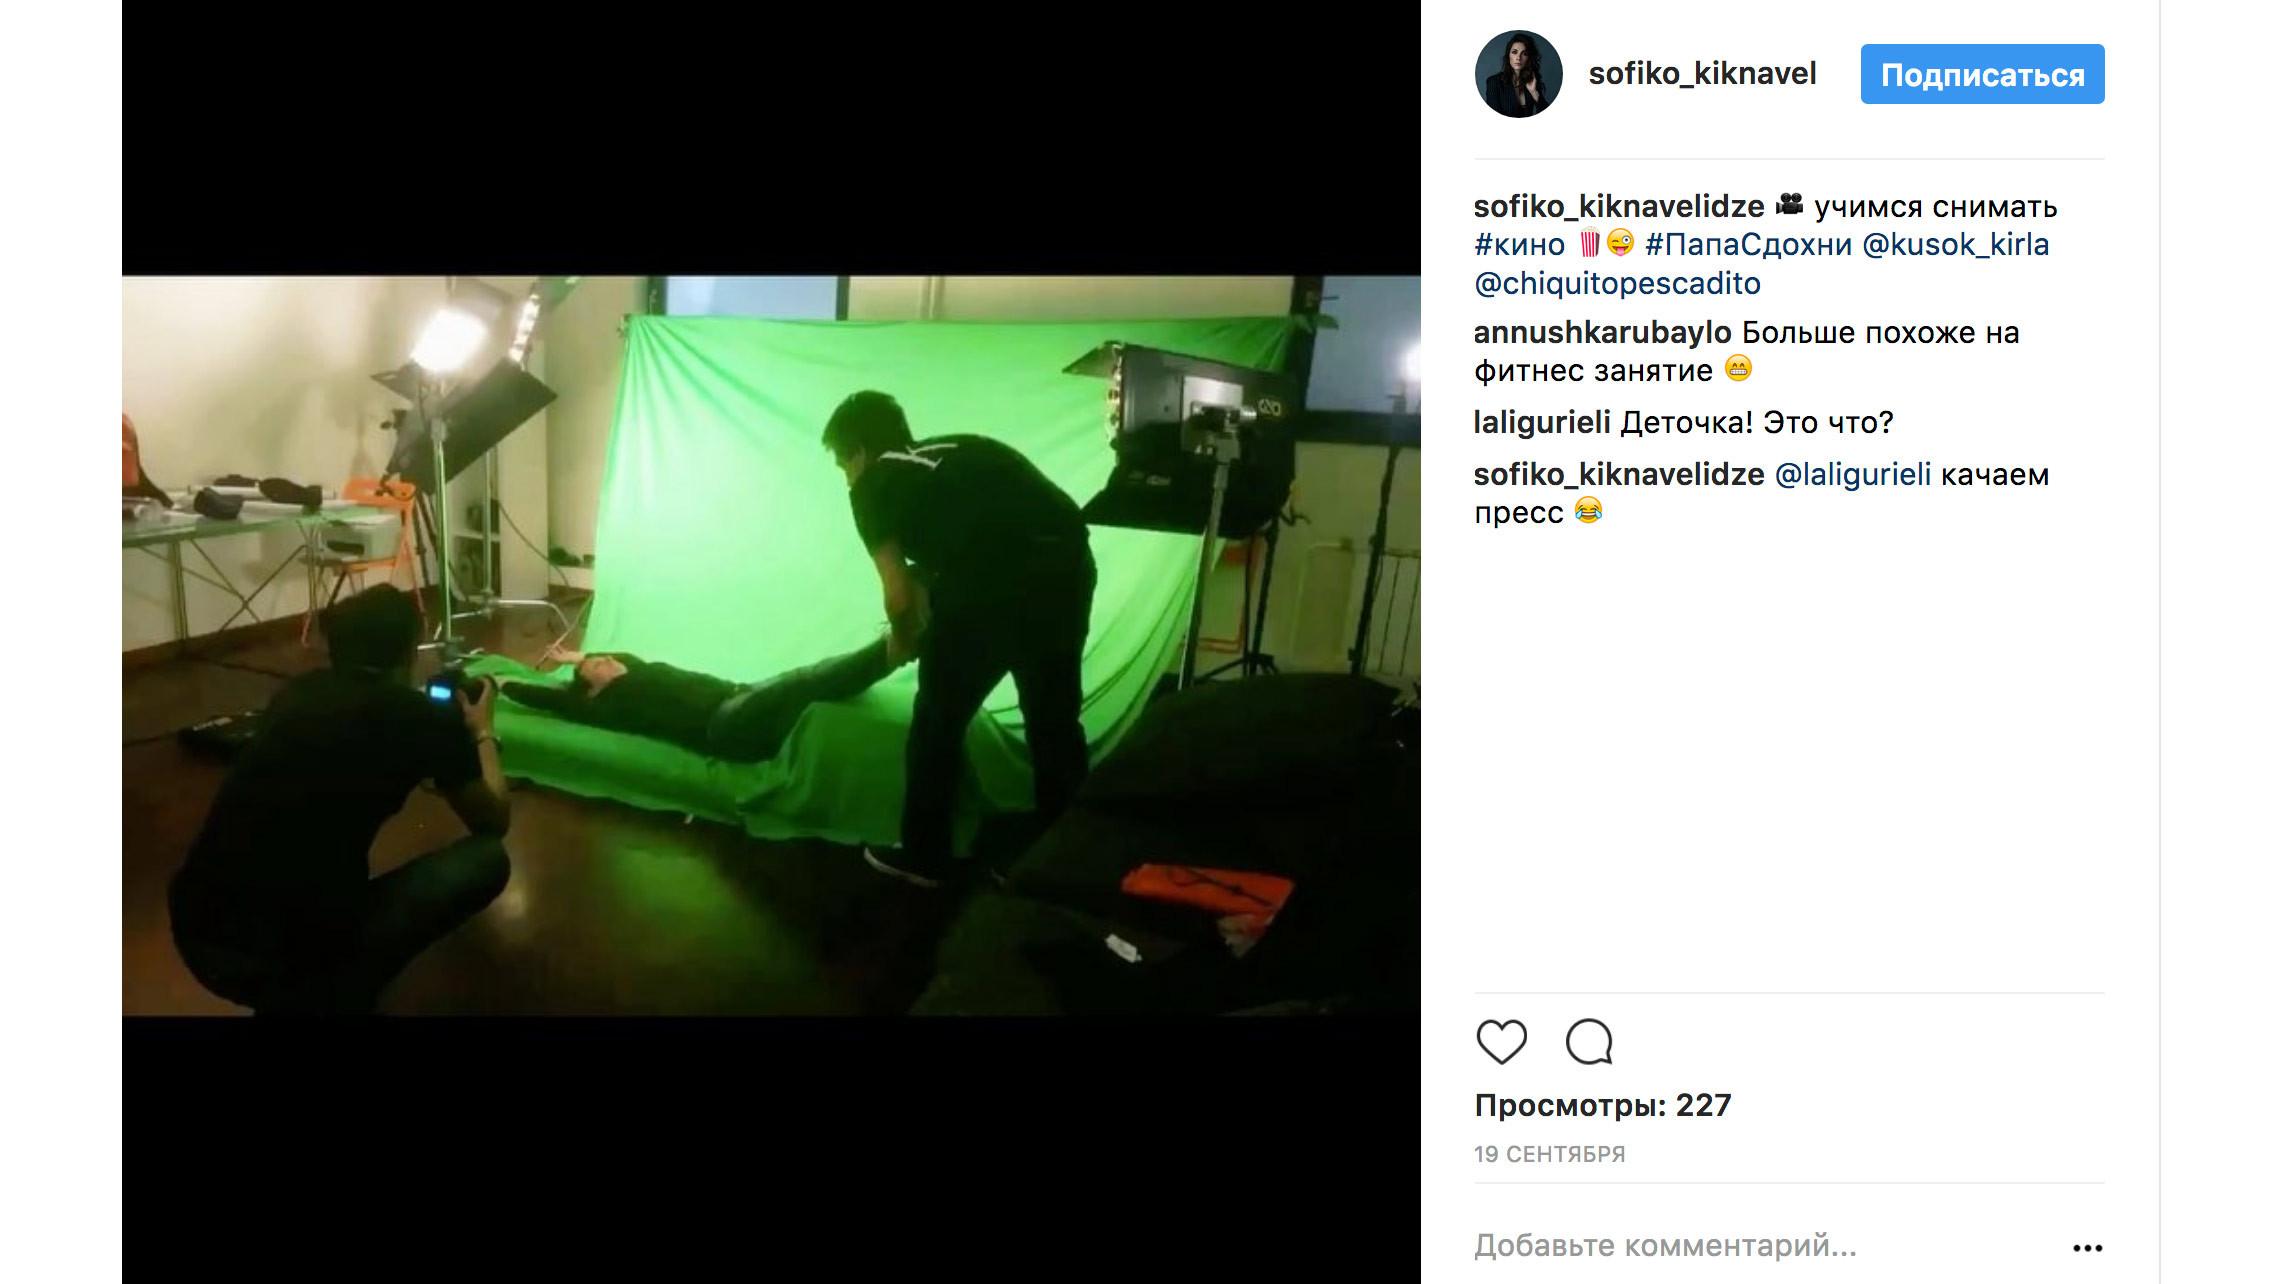 """<p>Скриншот страницы Instagram/<a href=""""https://www.instagram.com/sofiko_kiknavelidze/"""" title=""""sofiko_kiknavelidze"""">sofiko_kiknavelidze</a></p>"""